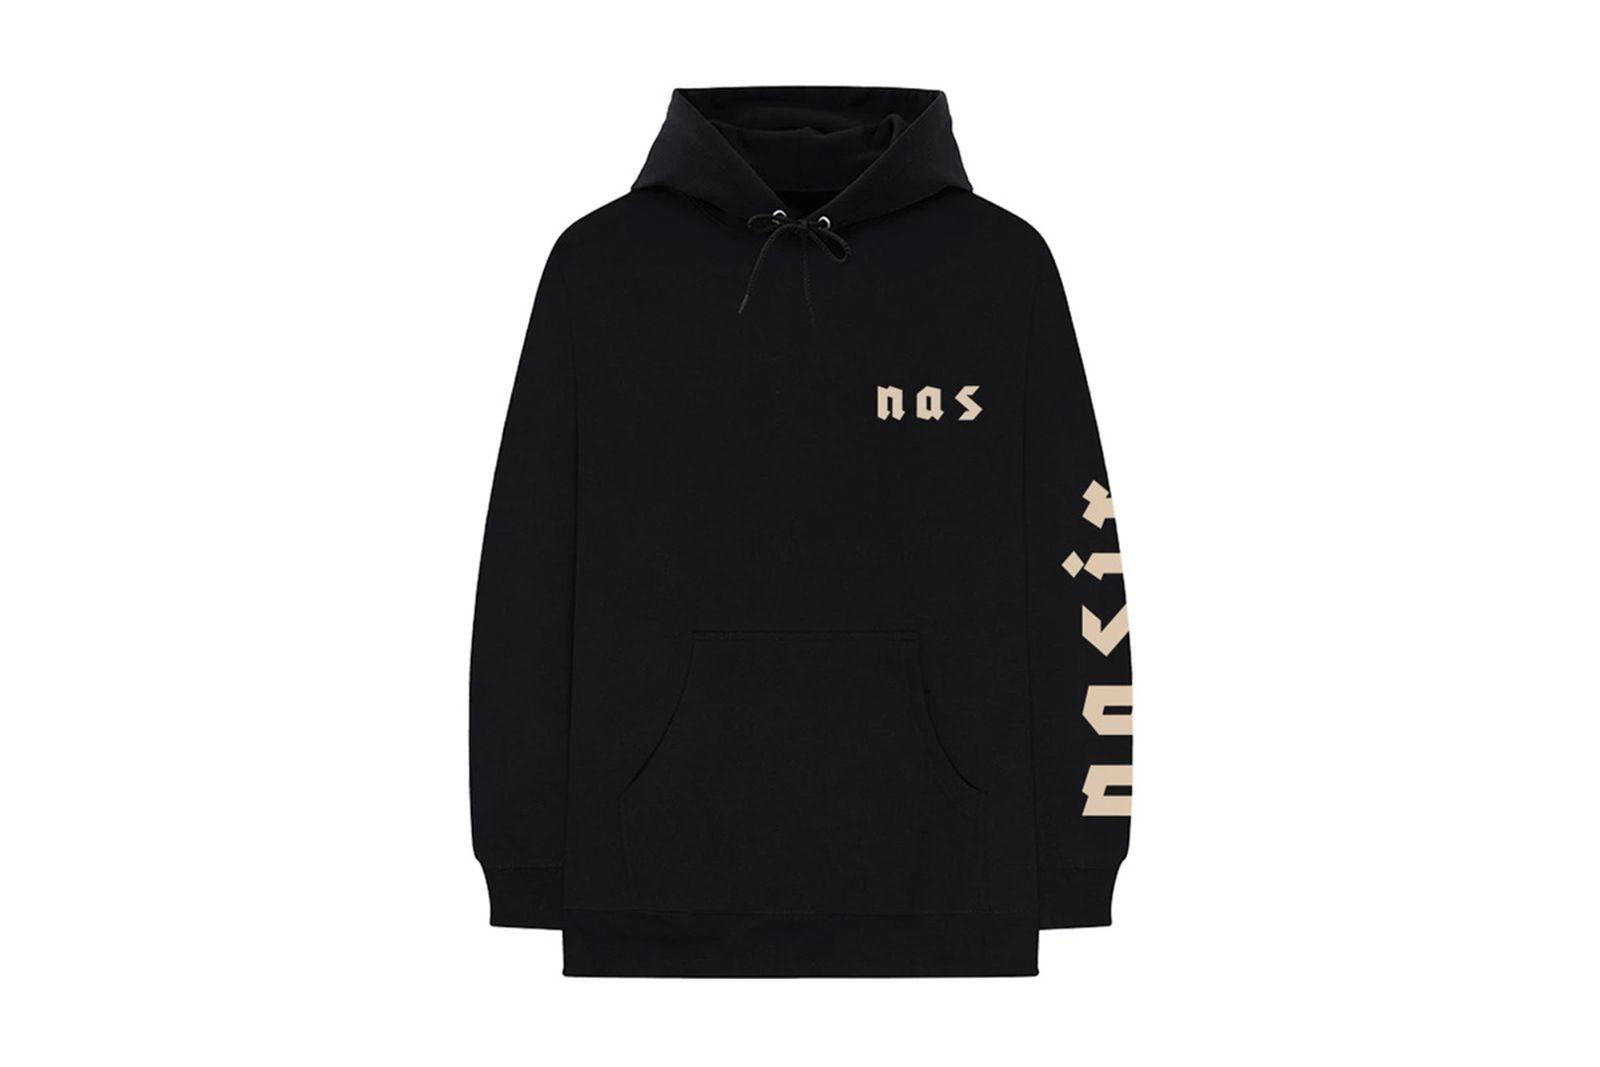 nasir11 ASAP Ferg Merchandise Travis Scott